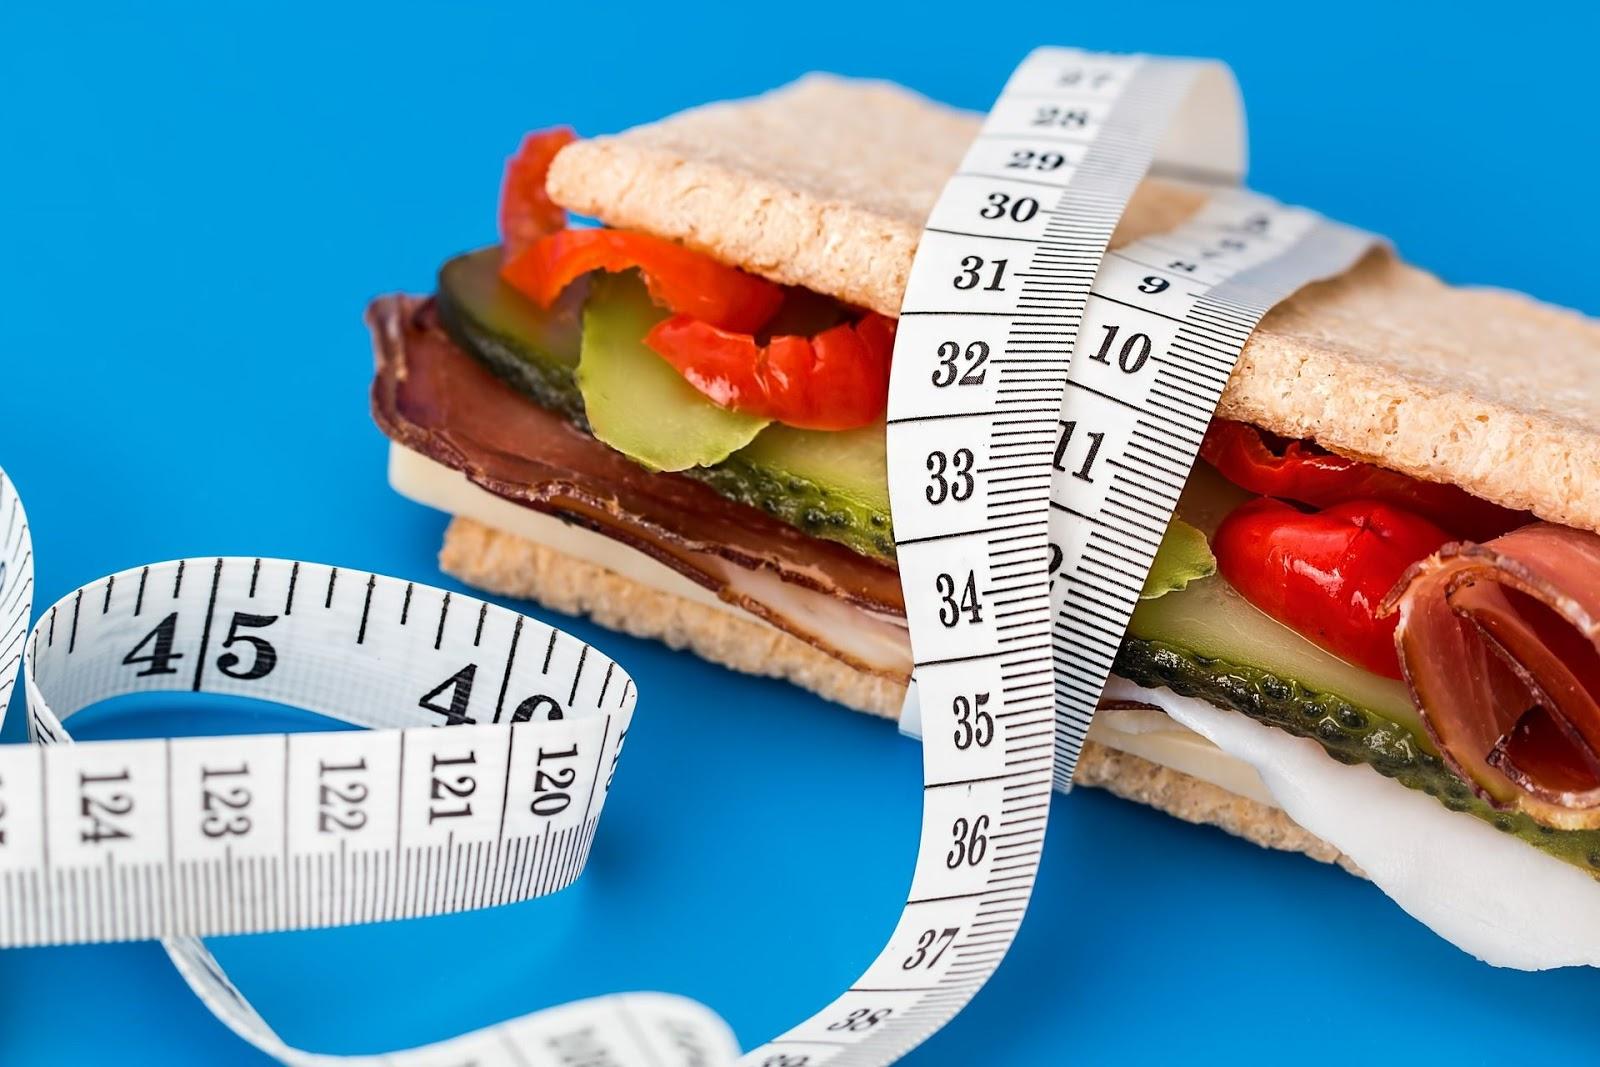 Hasil gambar untuk Apakah Diet Rendah Karbohidrat Lebih Baik daripada Diet Tanpa Karbohidrat?